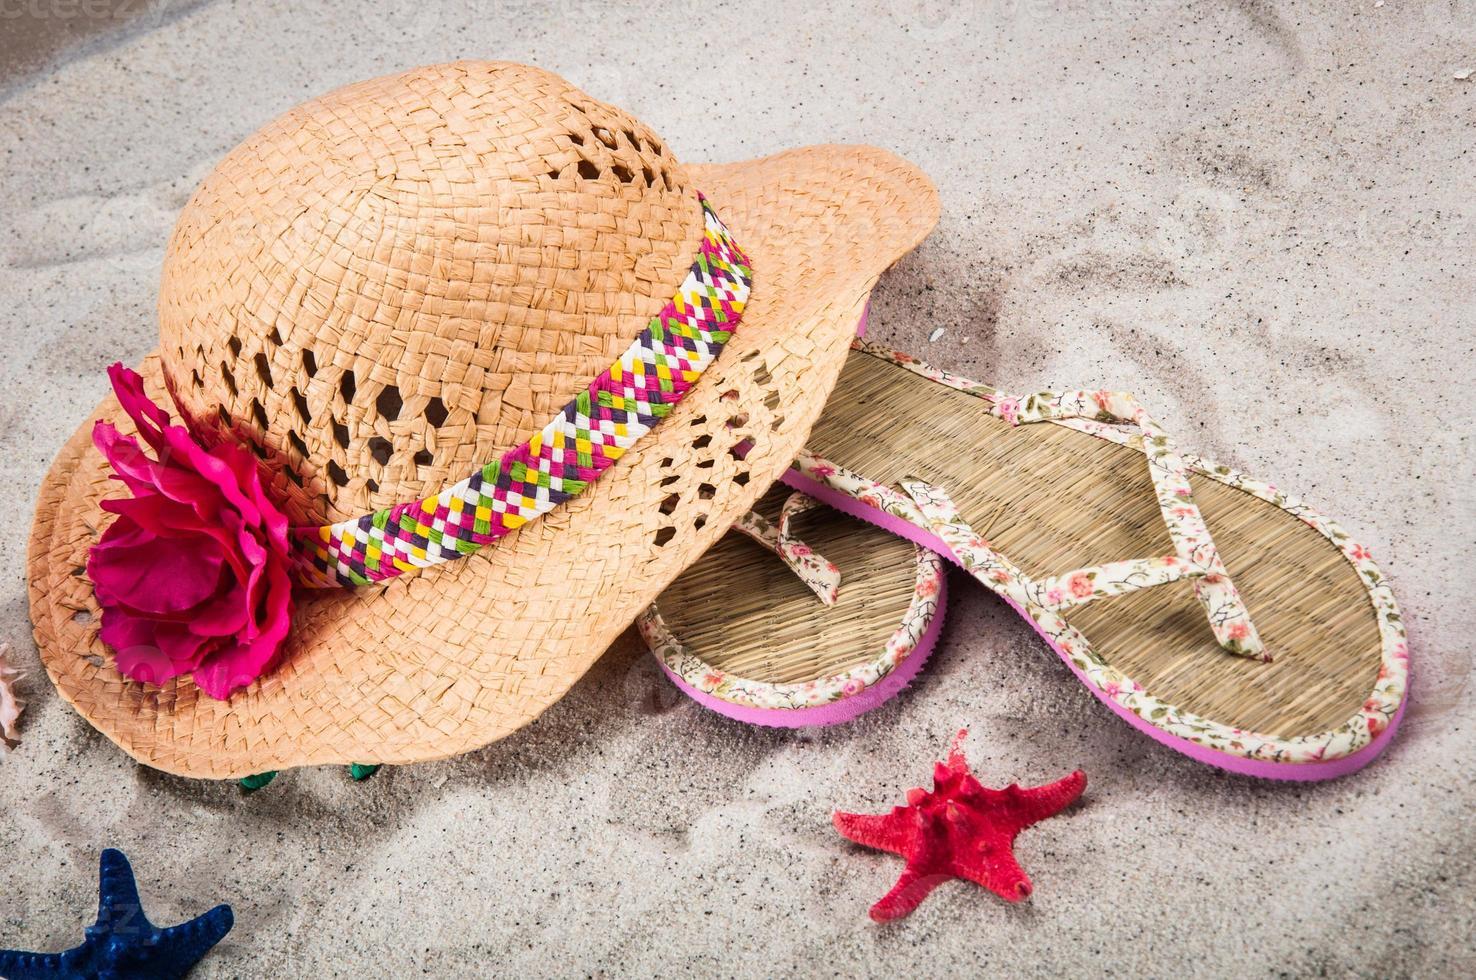 vakantie zomer concept foto